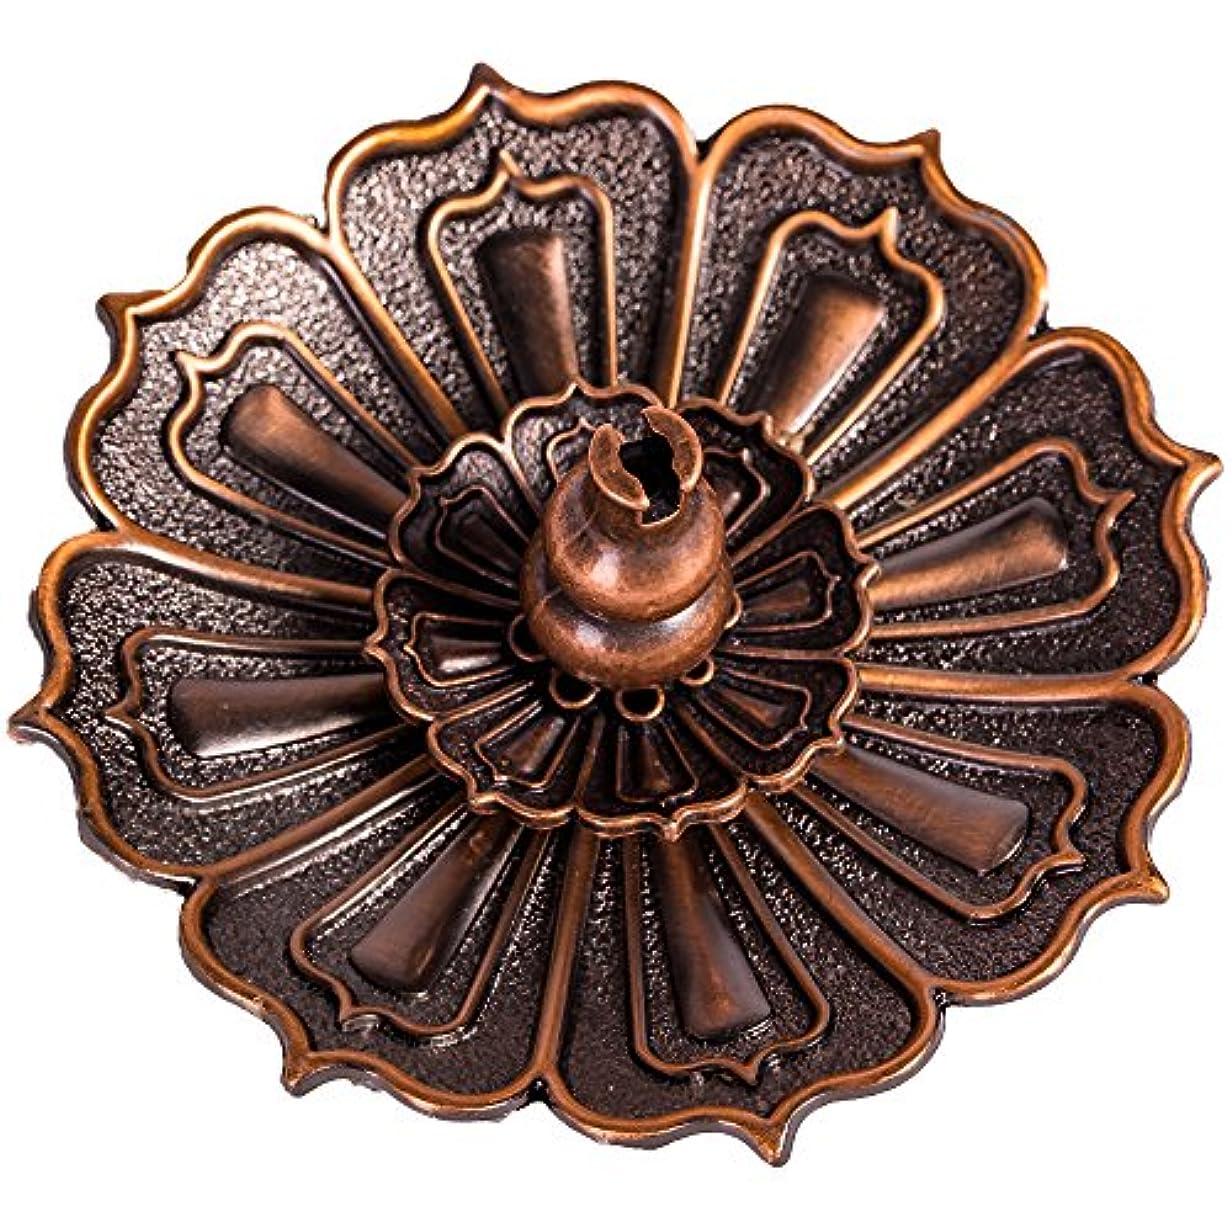 瞳無駄に撤回するshanbentangロータス香炉ホルダーfor Sticks Cones Coils Incense、ヴィンテージスタイル、銅色